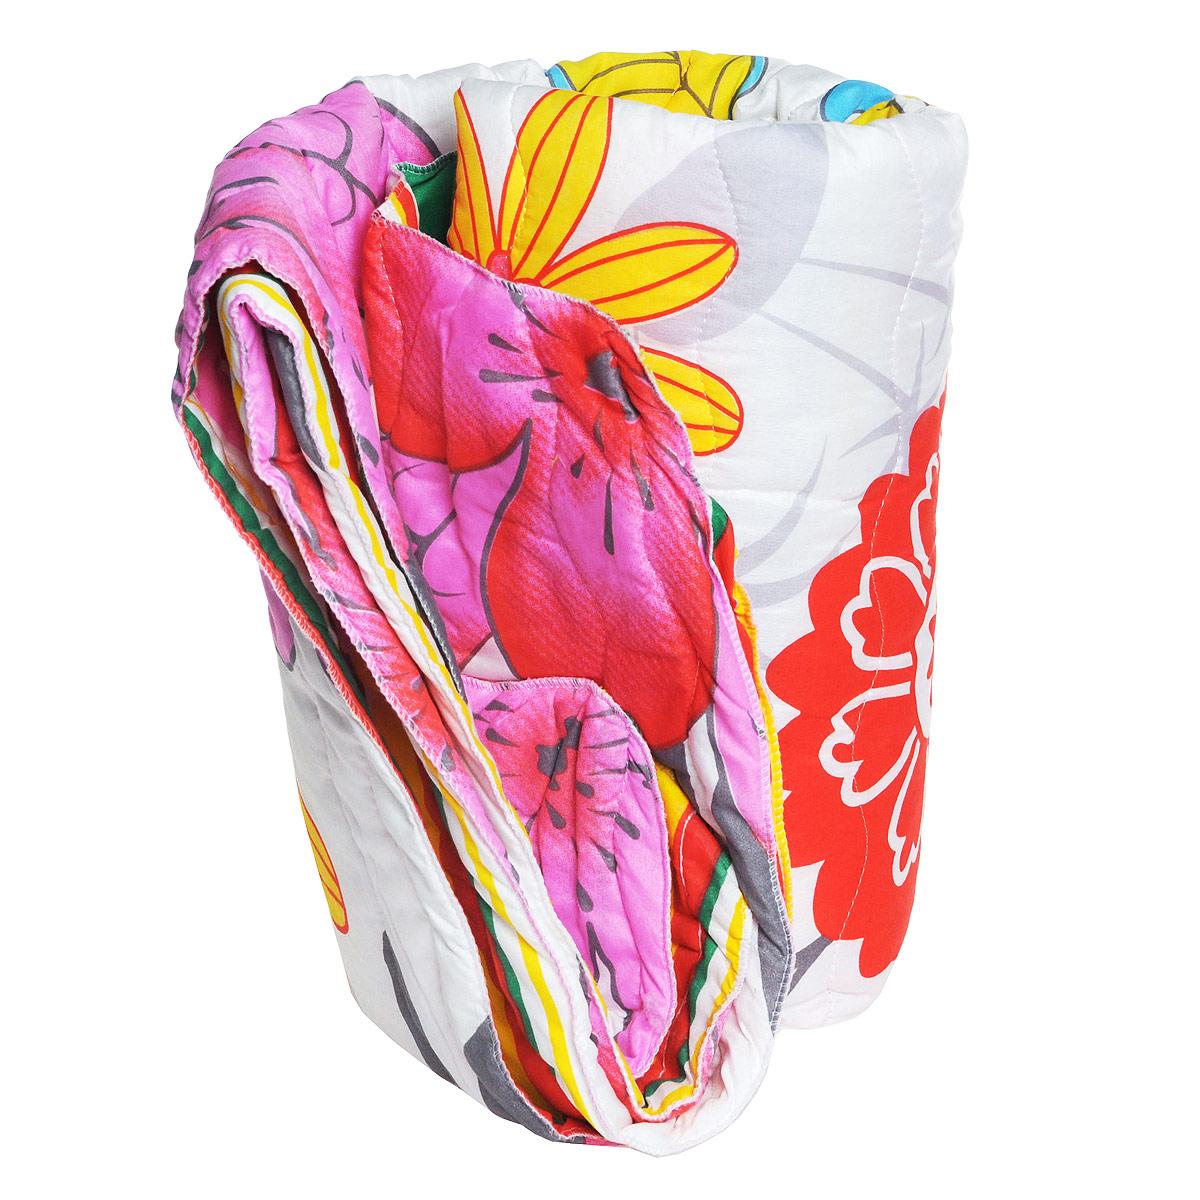 Одеяло летнее Радуга, наполнитель: синтепон, 140 х 200 см, в ассортиментеOC-140-200новОдеяло Радуга обеспечит вам здоровый сон и комфорт. Чехол выполнен из полиэстера и украшен красочным рисунком. В качестве наполнителя используется синтепон. Синтепон - это легкий и объемный наполнитель, который обладает отличными теплоизоляционными свойствами. Наполнитель делает одеяло легким и воздушным, с отличной терморегуляцией. Под таким одеялом вам не будет жарко летом, оно создаст прекрасный микроклимат для вашего сна. Рекомендации по уходу: - стирка запрещена; - нельзя отбеливать; - не гладить; - не сушить; - химчистка любым растворителем Размер одеяла: 140 см х 200 см. Материал чехла: 100% полиэстер. Материал наполнителя: синтепон. Уважаемые клиенты! Обращаем ваше внимание на ассортимент в дизайне товара. Поставка осуществляется в зависимости от наличия на складе.